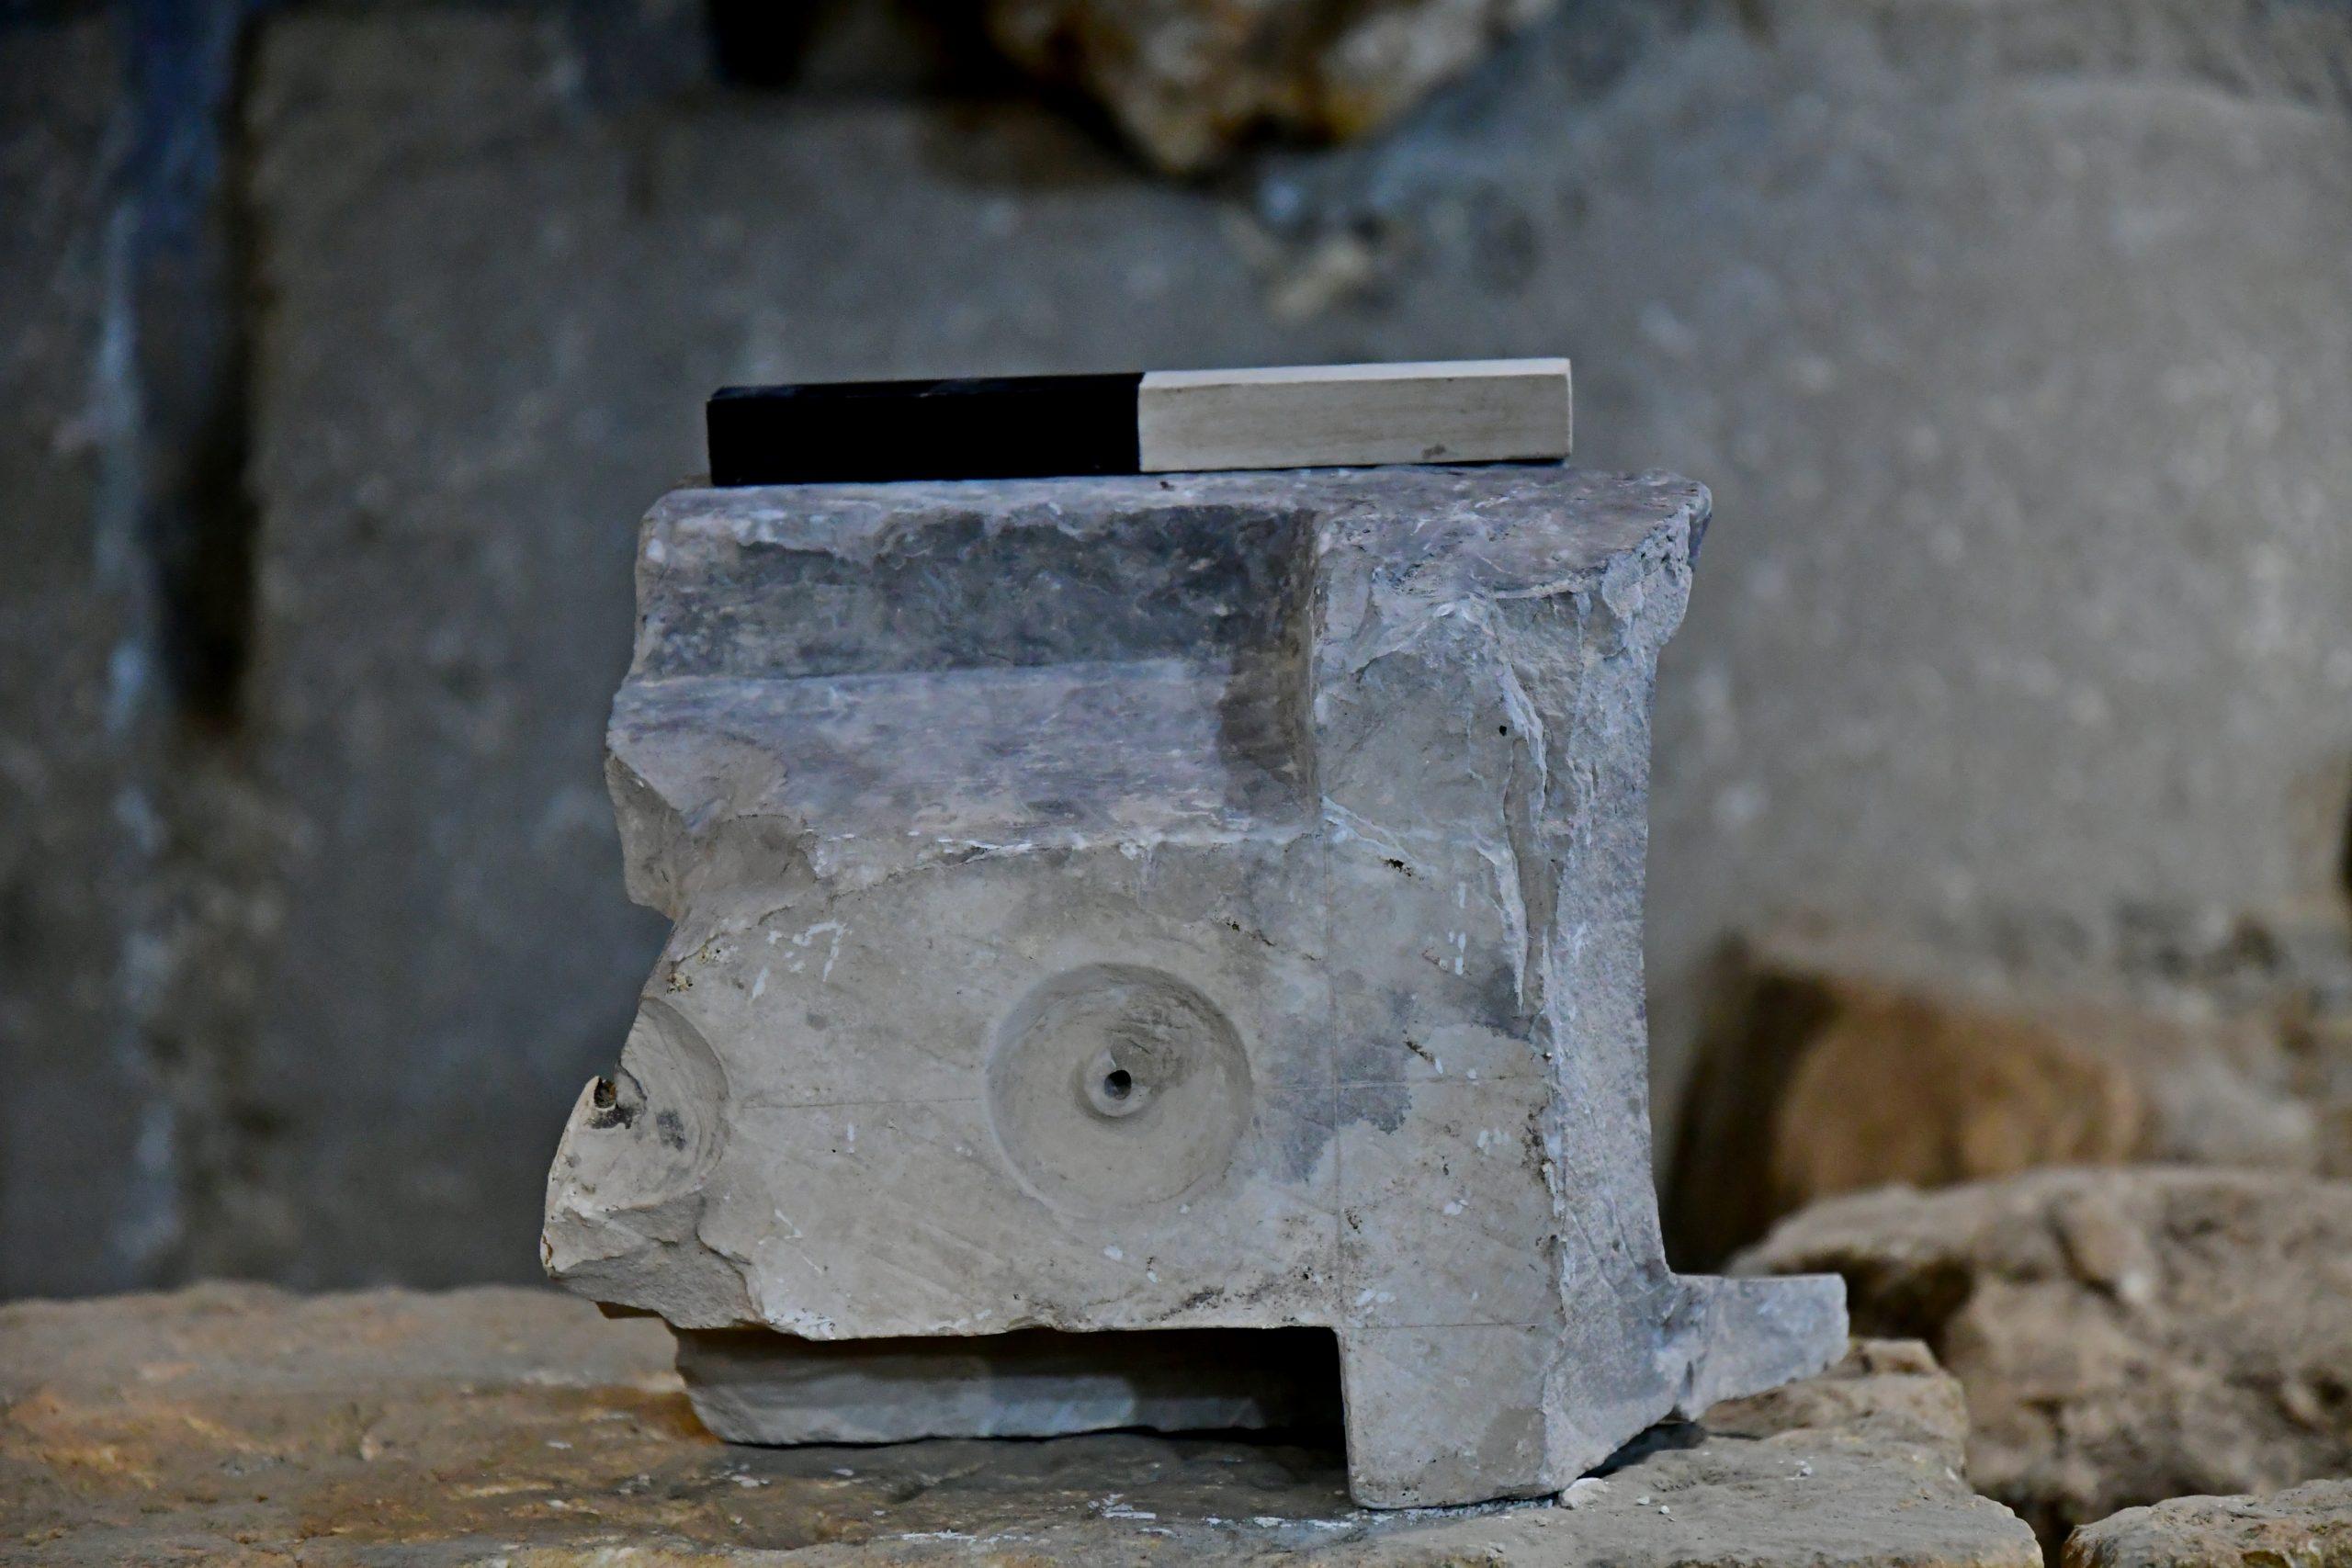 Град Давида. Весы для измерения объёма жидкости. Фото: Арье Леви. Представлено Управлением древностей Израиля